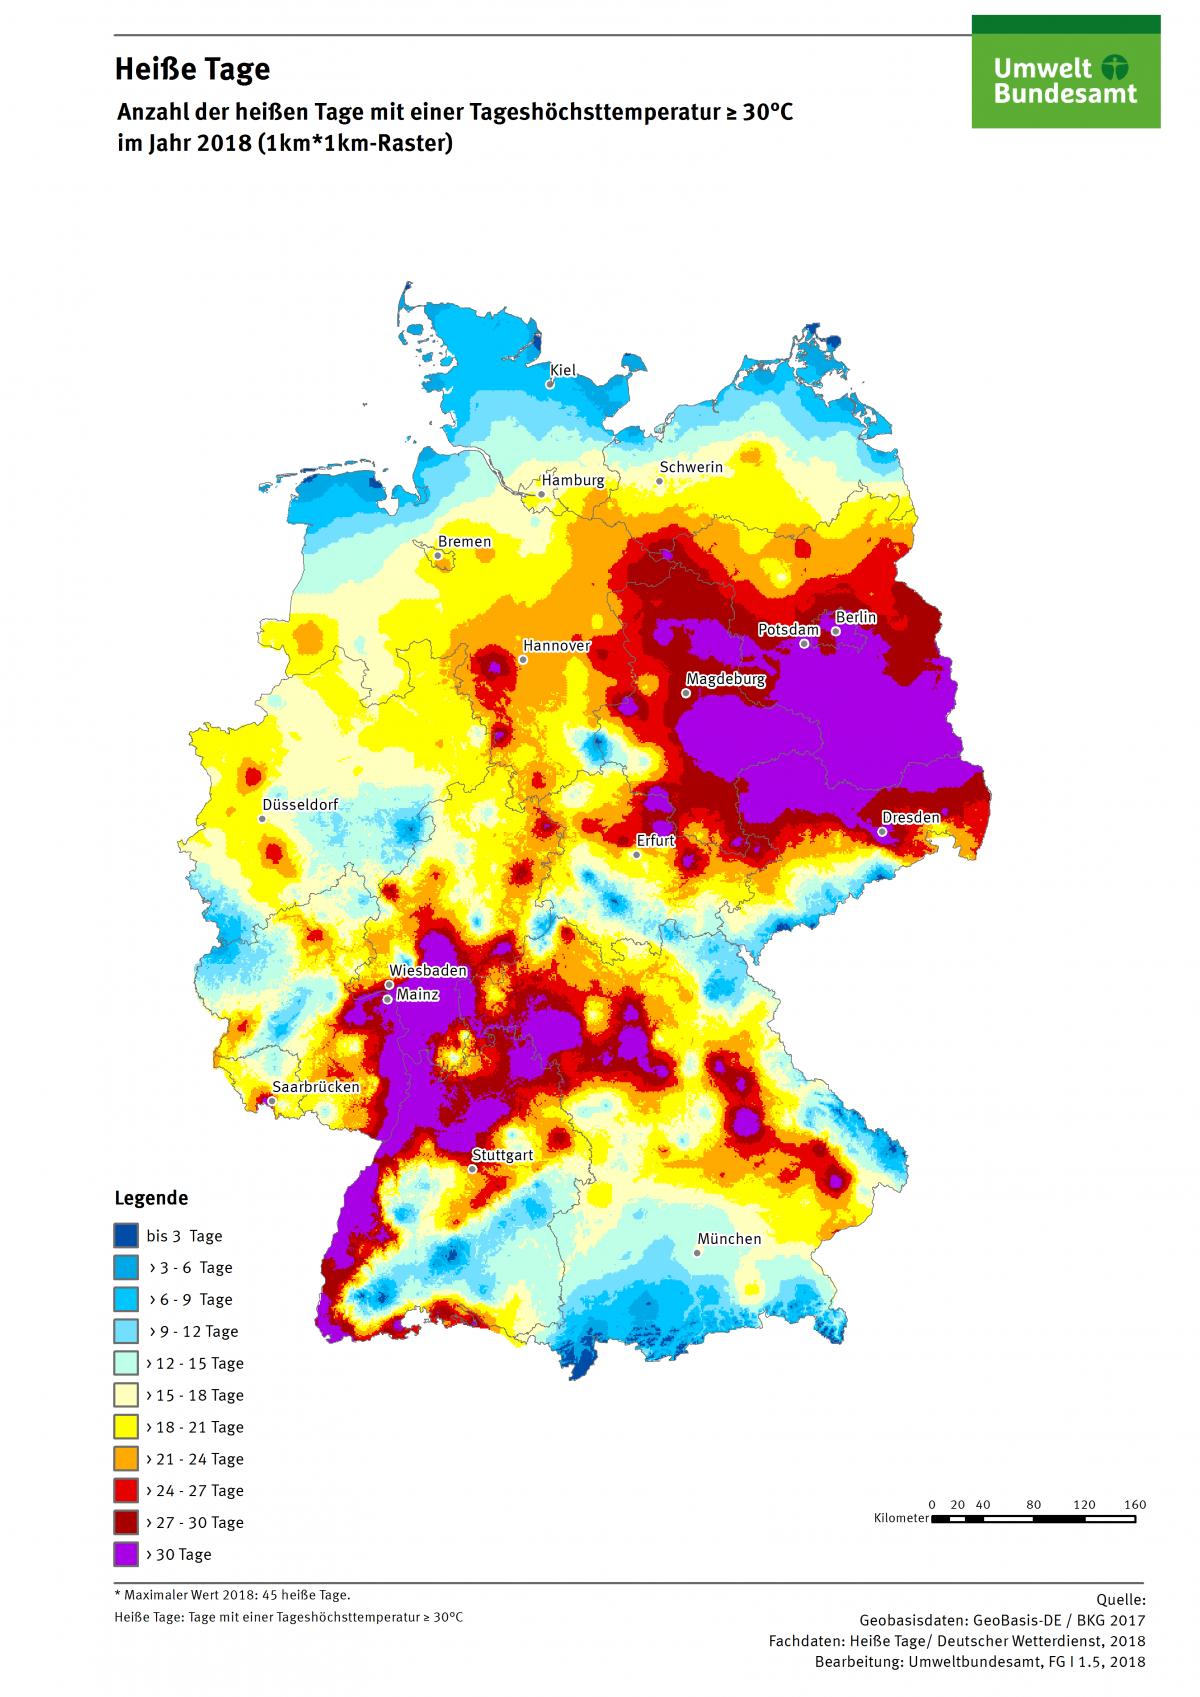 Die Karte zeigt die Anzahl Heißer Tage in Deutschland im Jahr 2018. Maximal gab es in diesem Jahr 45 Heiße Tage in Deutschland.